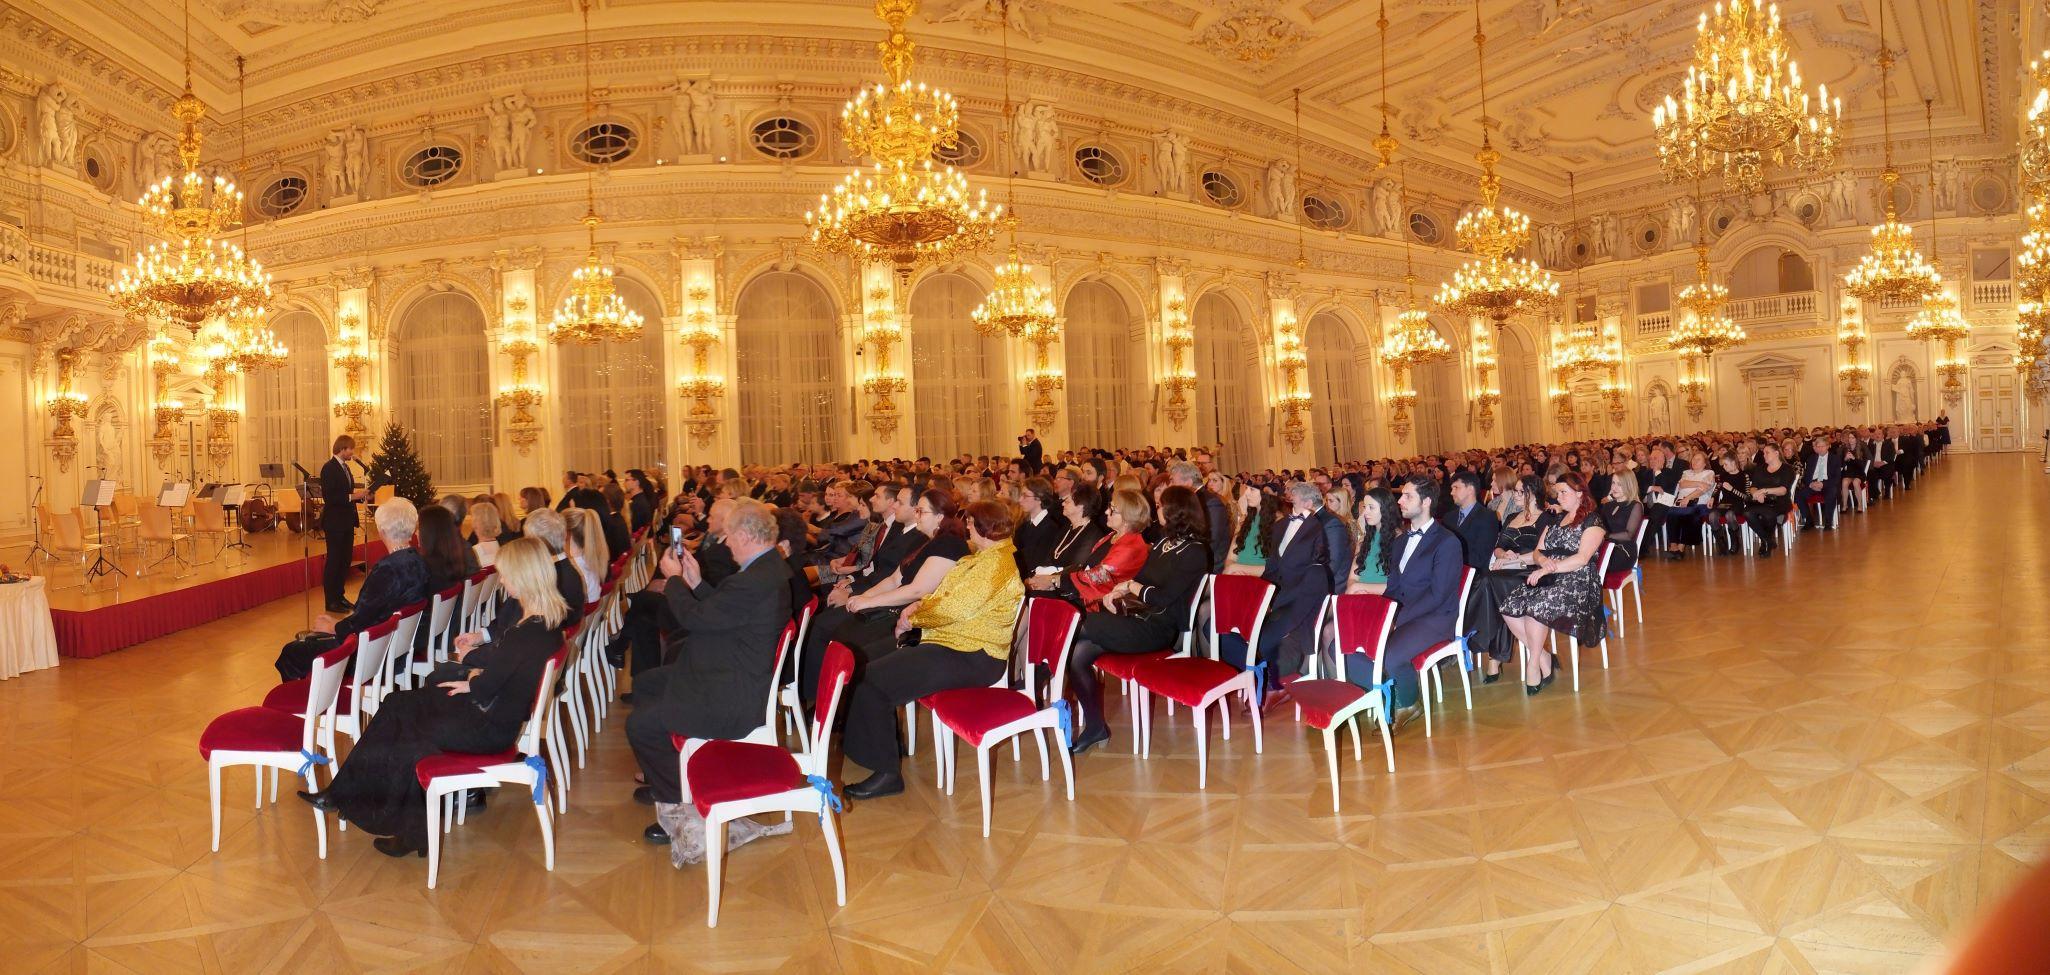 Obr.1 Španělský sál Pražského hradu